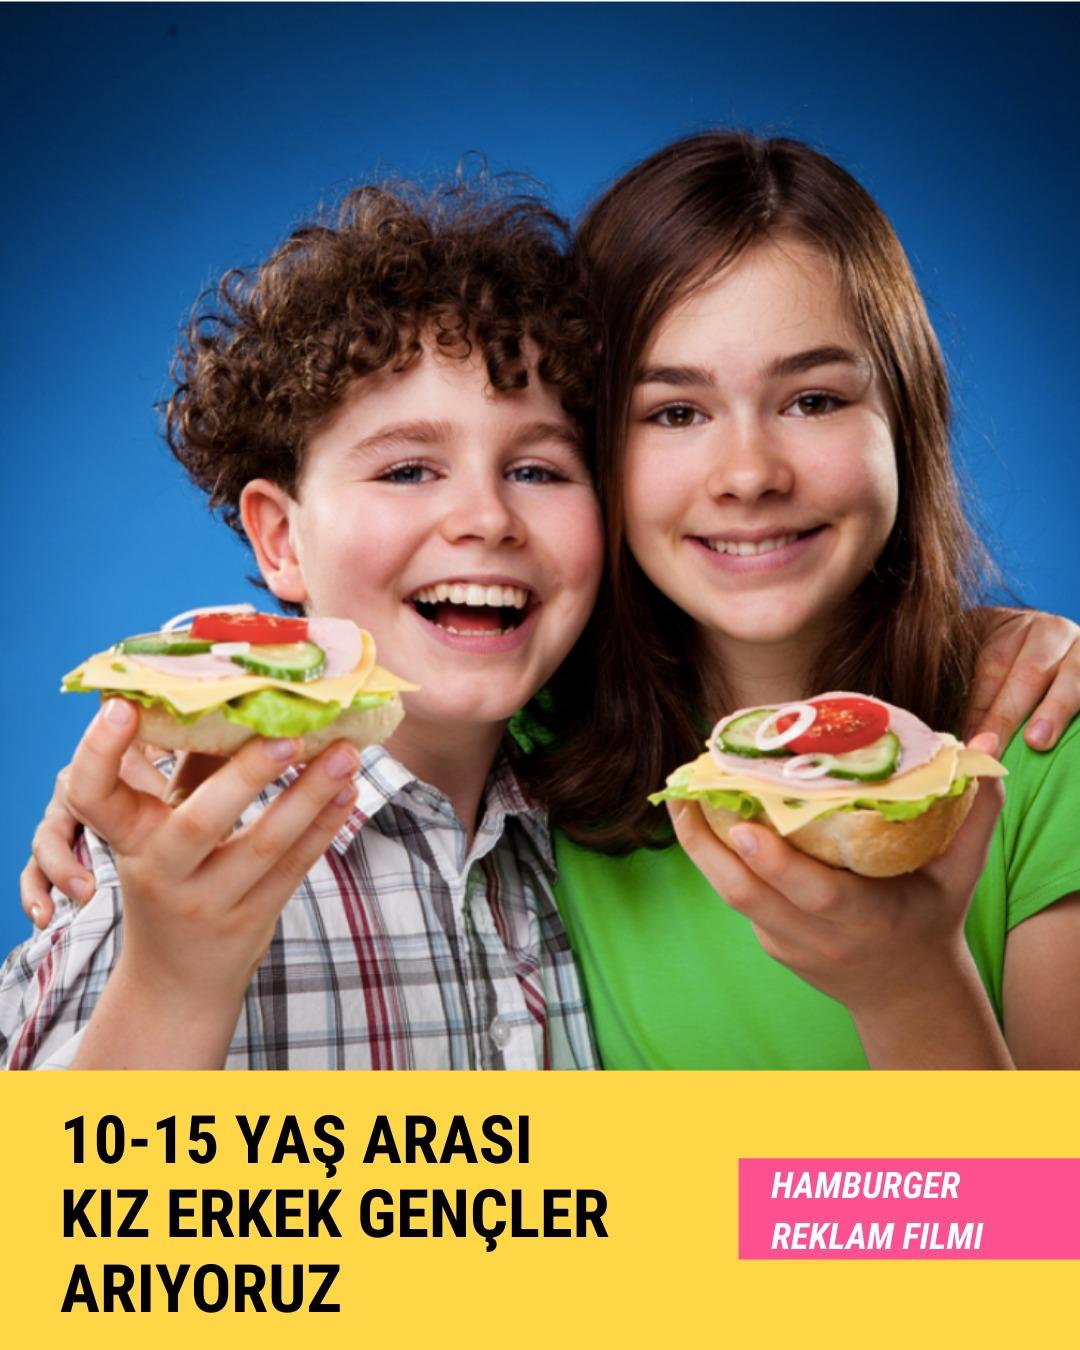 10-15 Yaş Arası Kız Erkek Gençler Arıyoruz